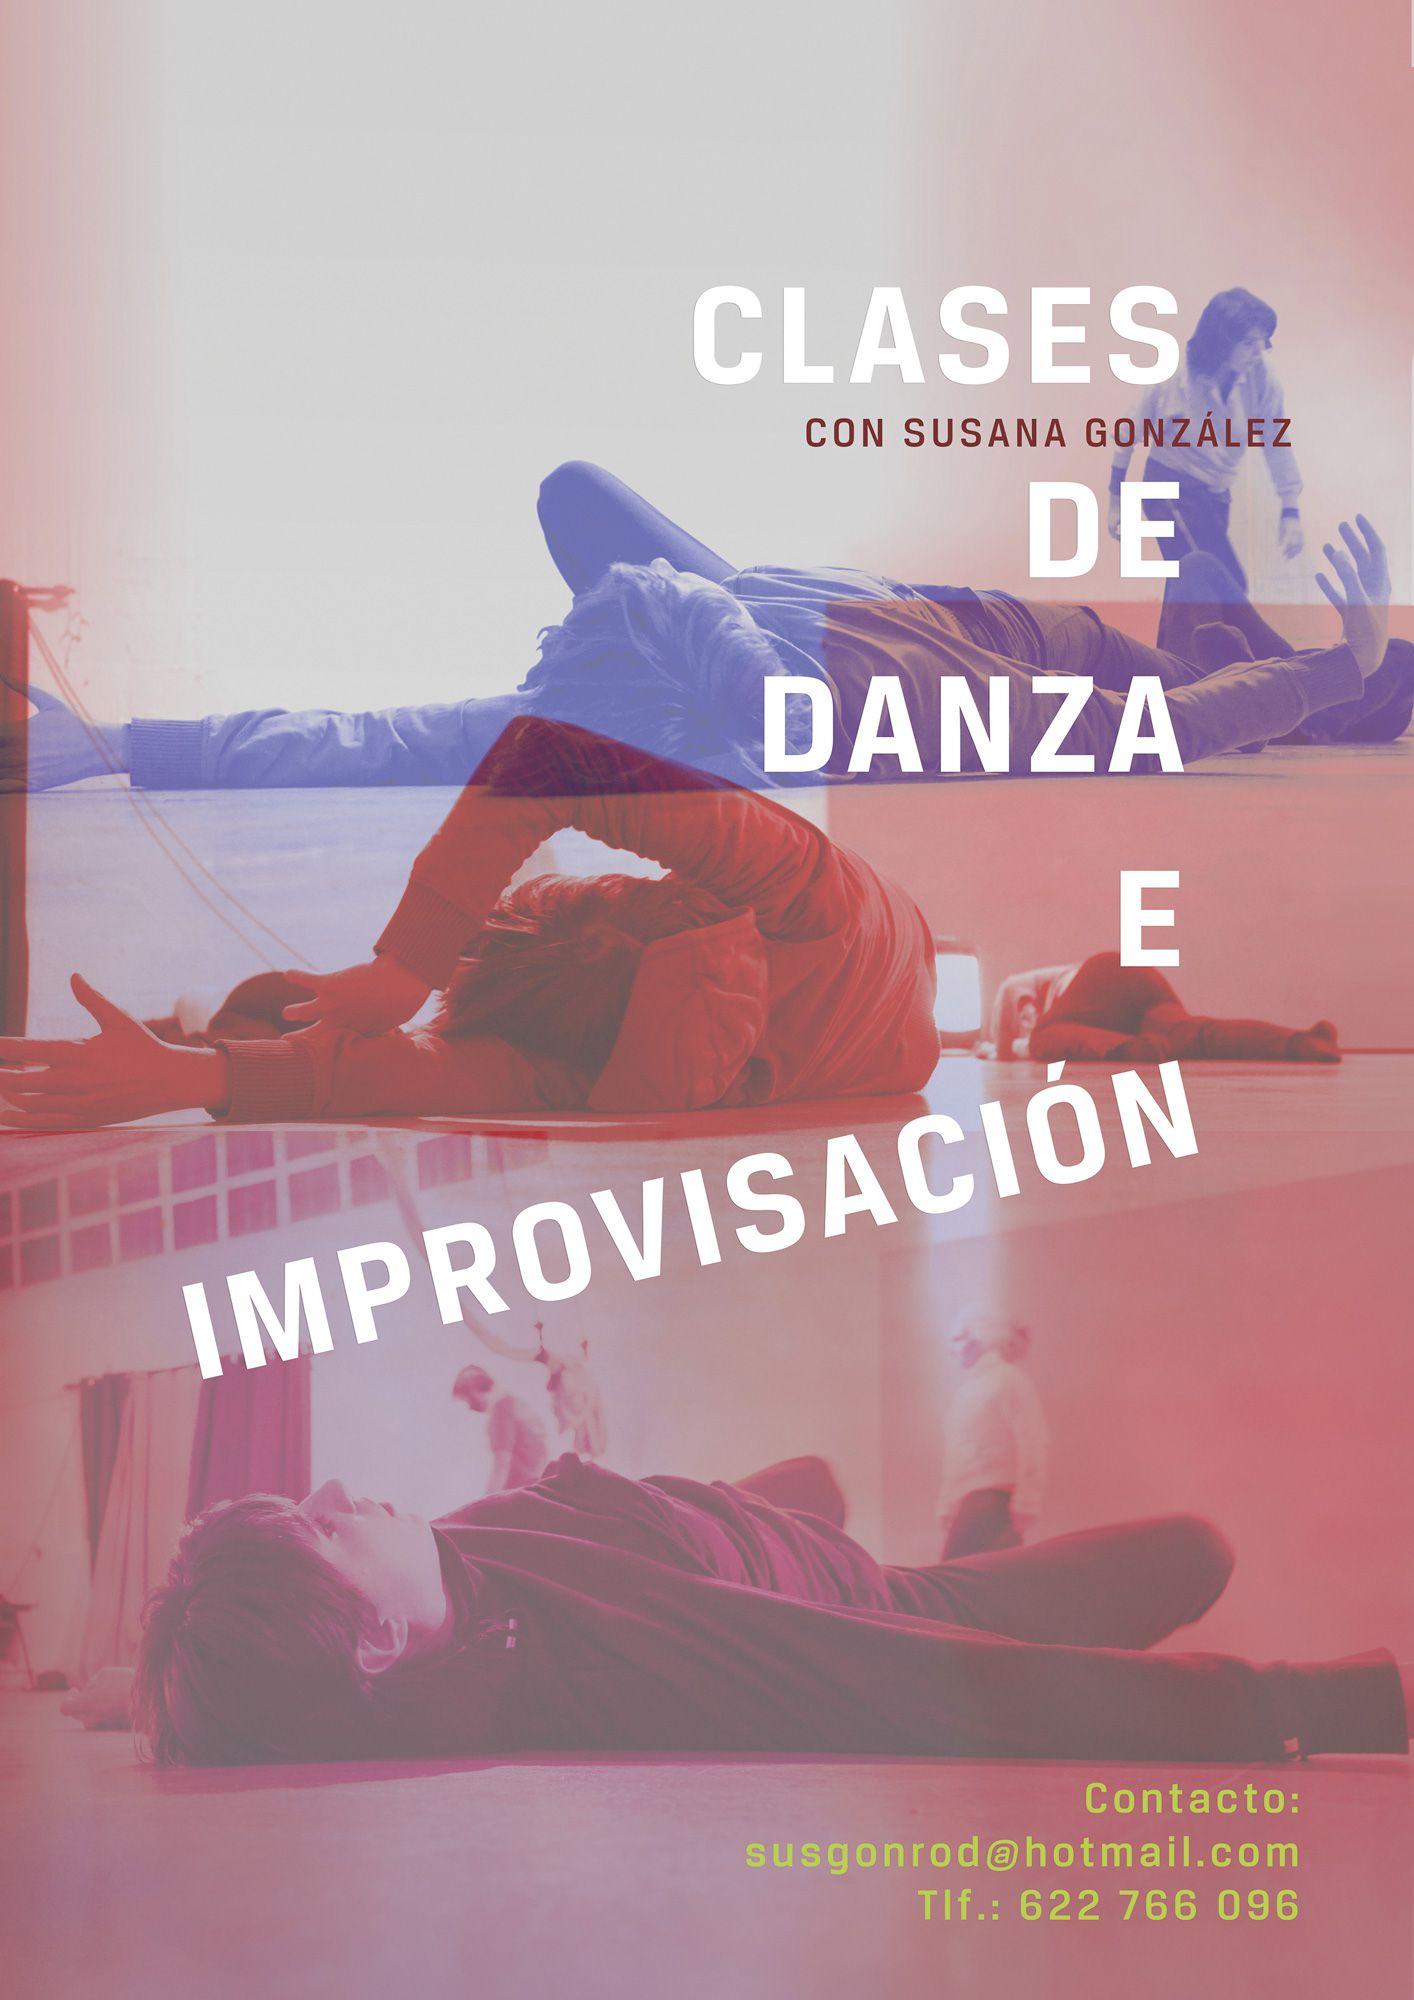 Cartel Danza Susana González por UyM. Laura León Morillo